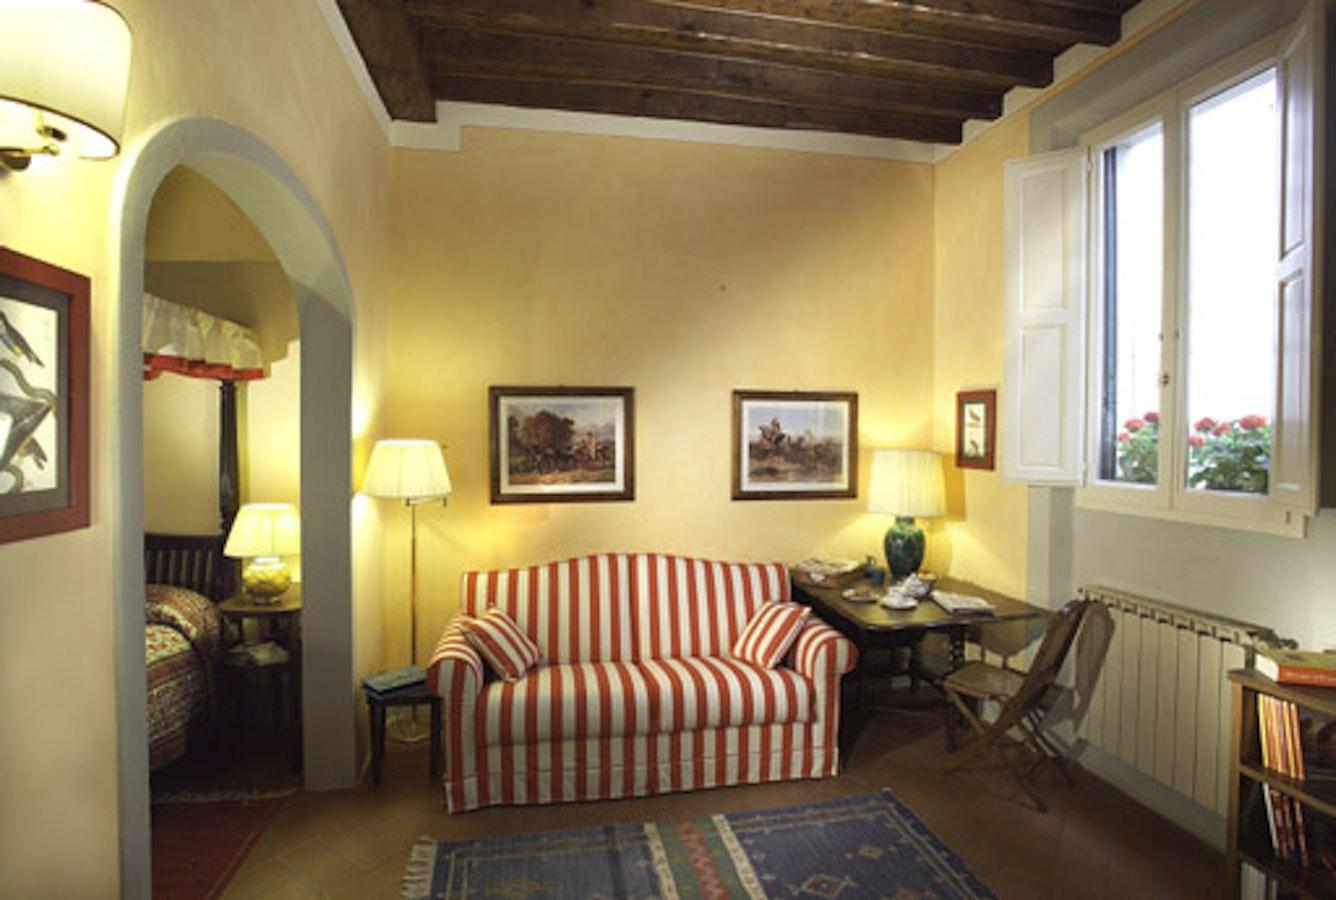 Casa del mercato firenze raffinato appartamento in centro a firenze - Casa del giunco firenze ...